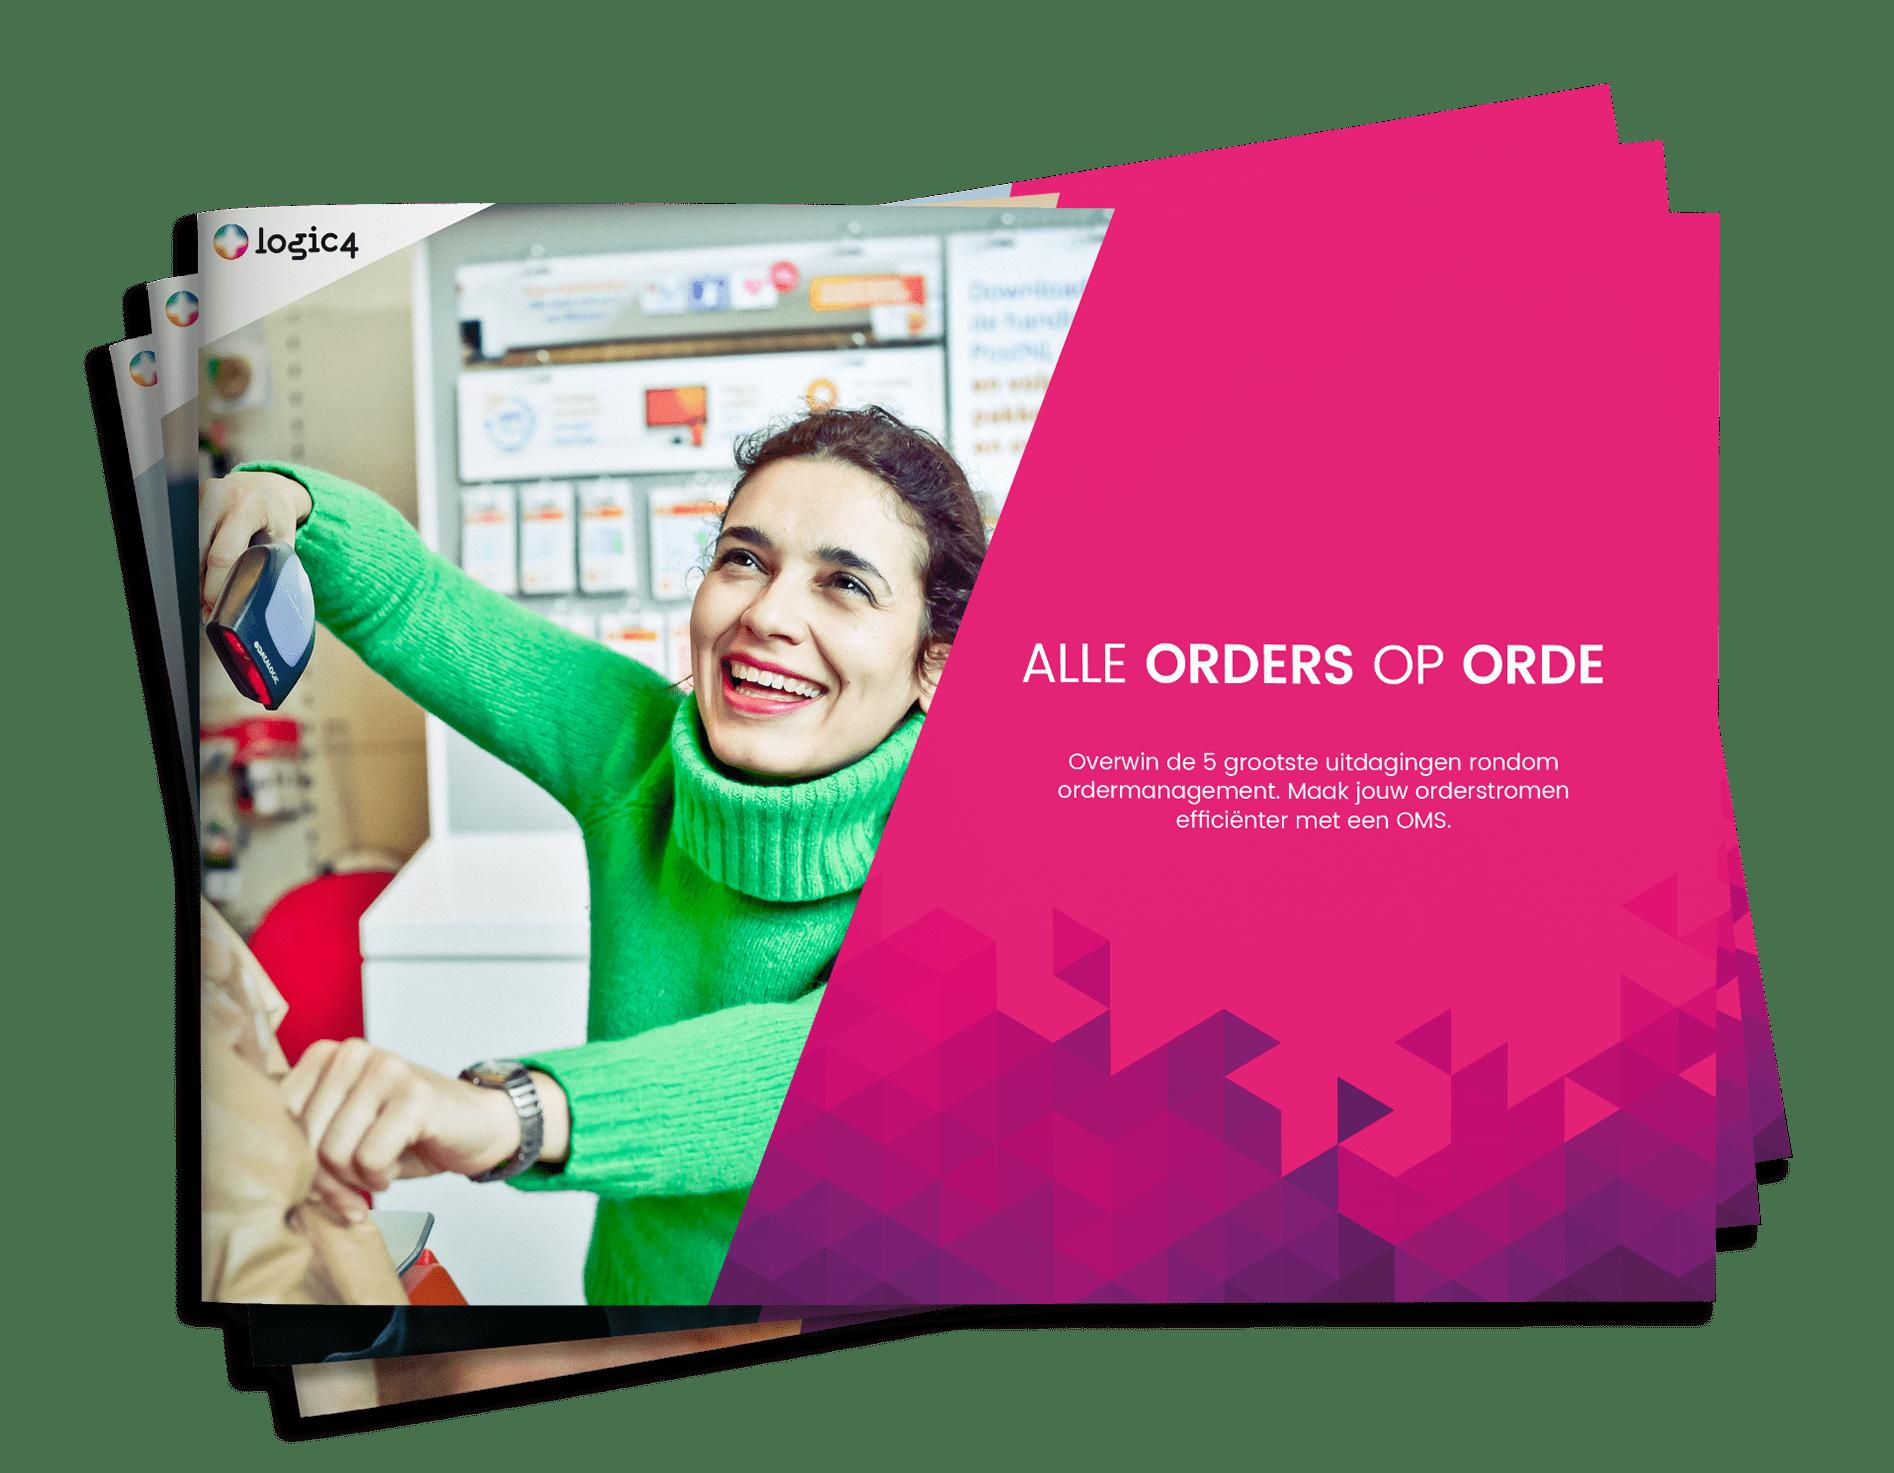 order-management-software-03